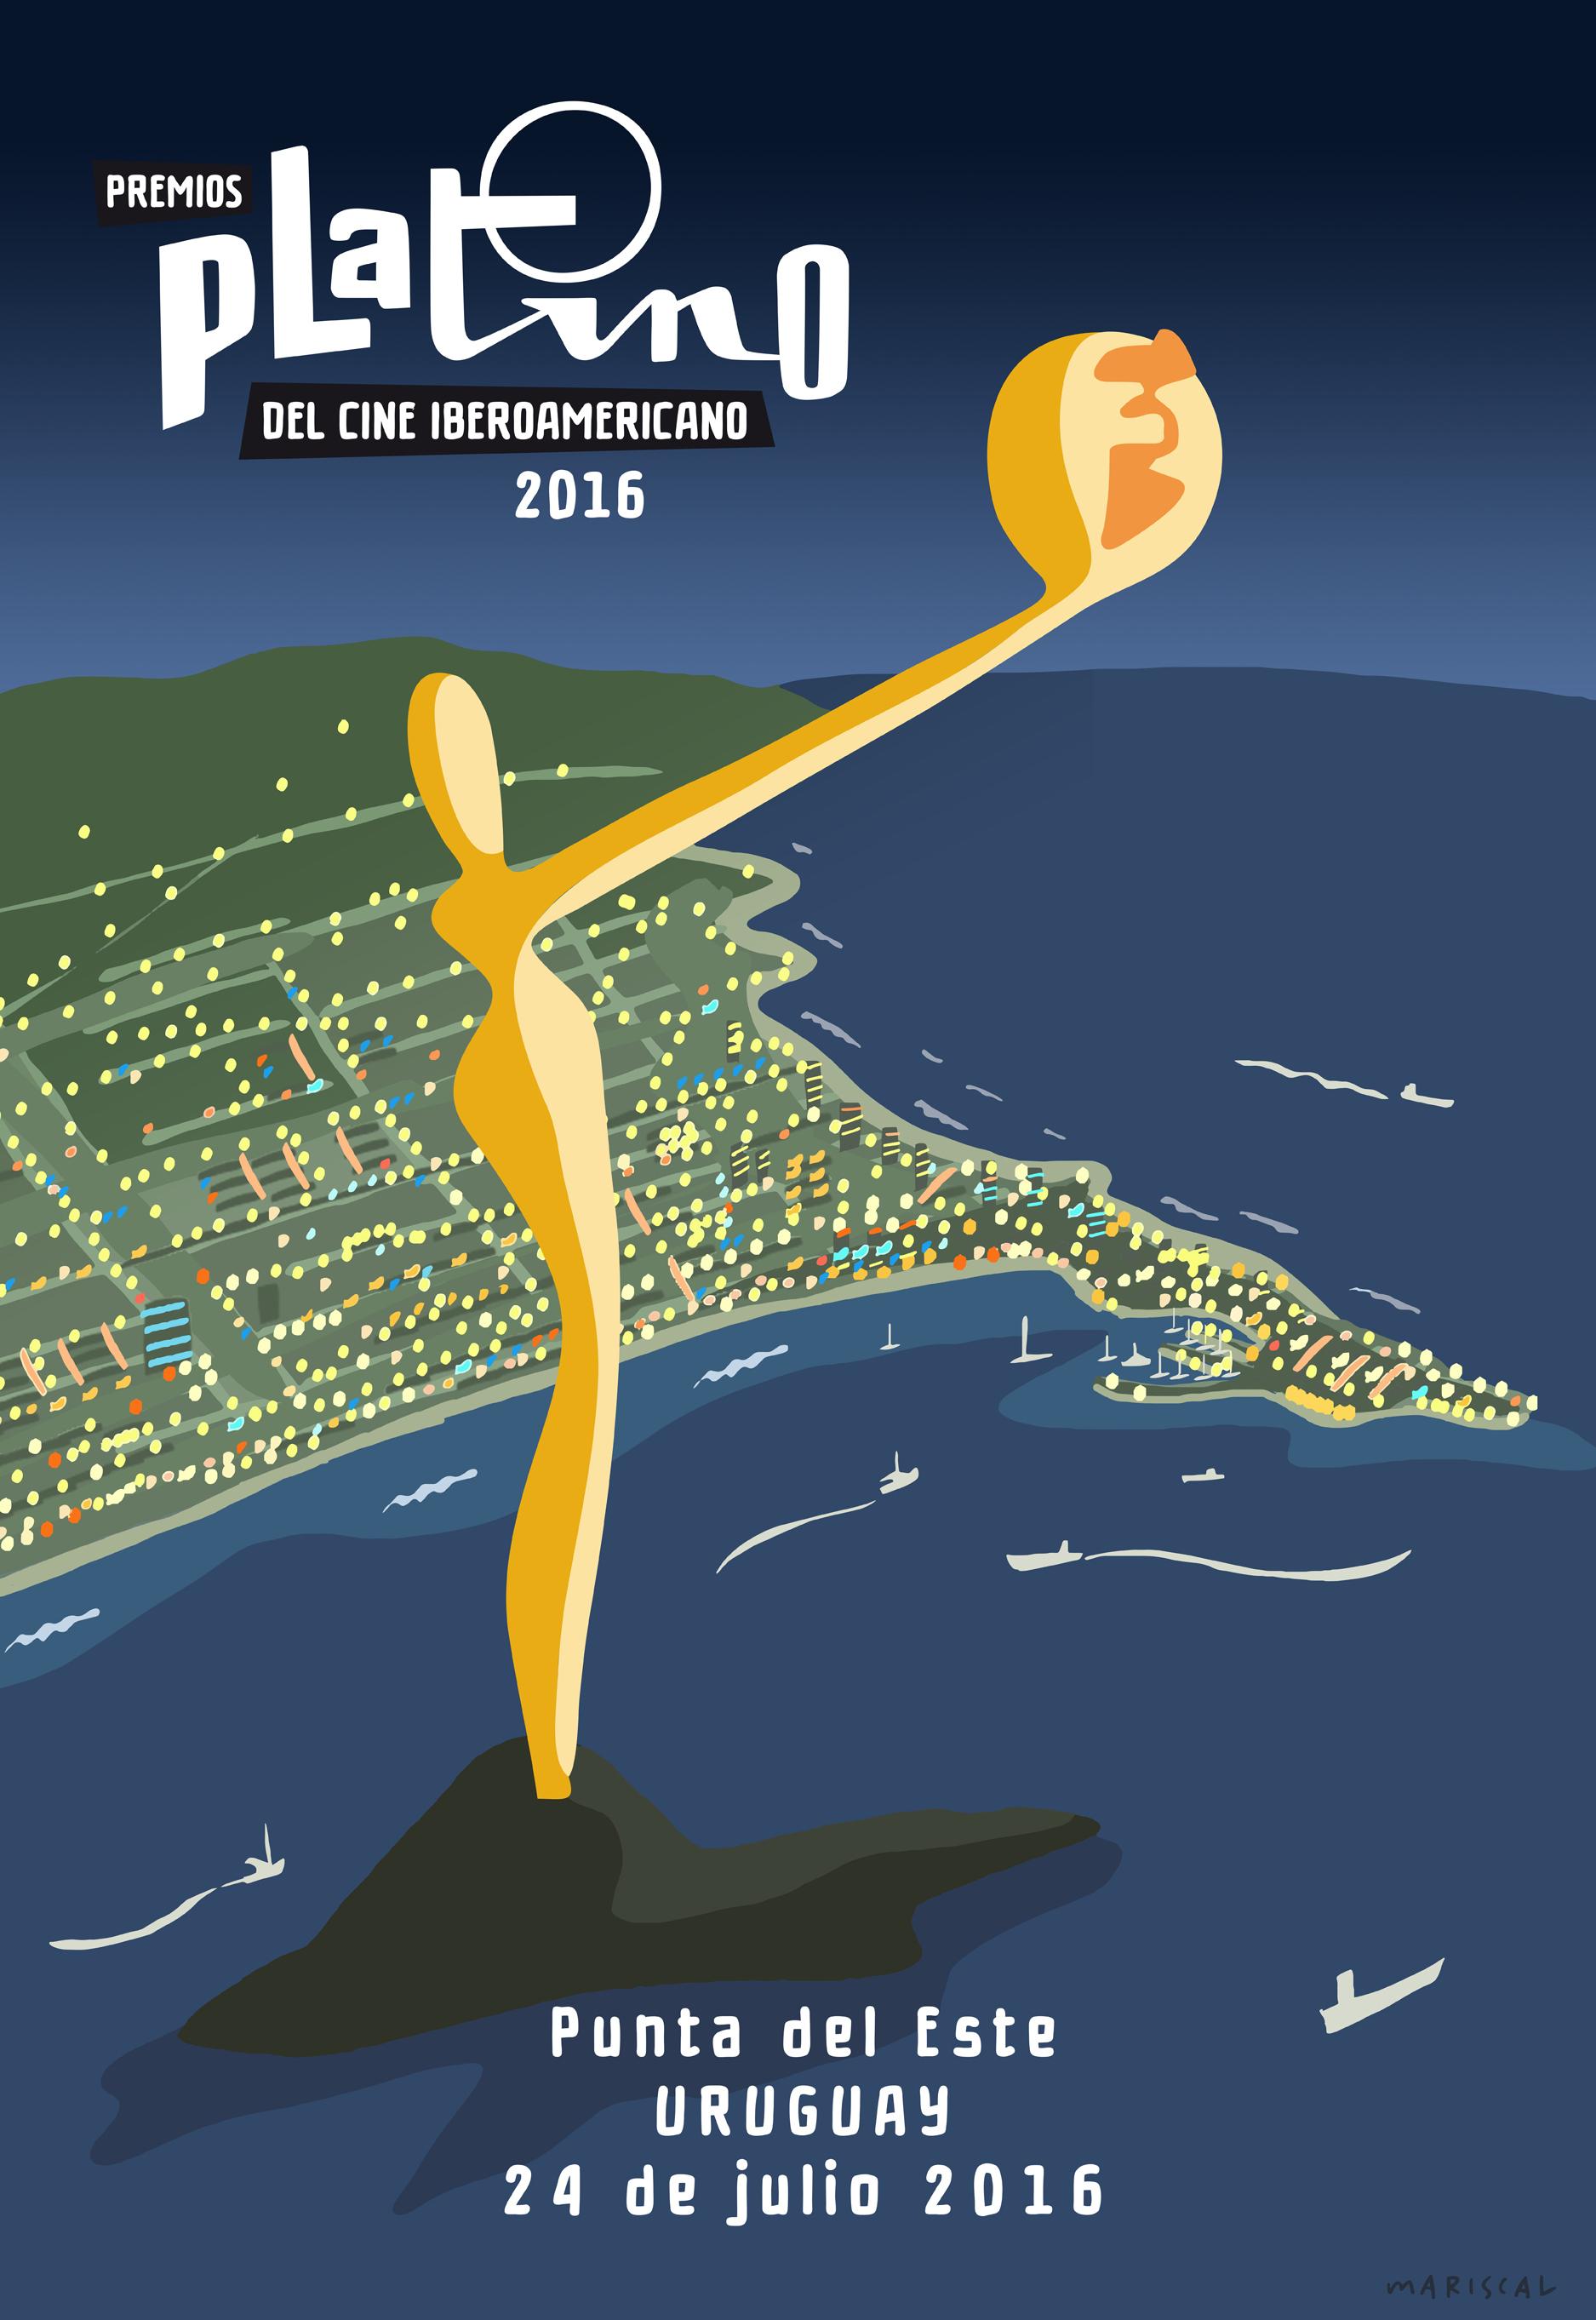 Nominados Premios Platino al cine iberoamericano